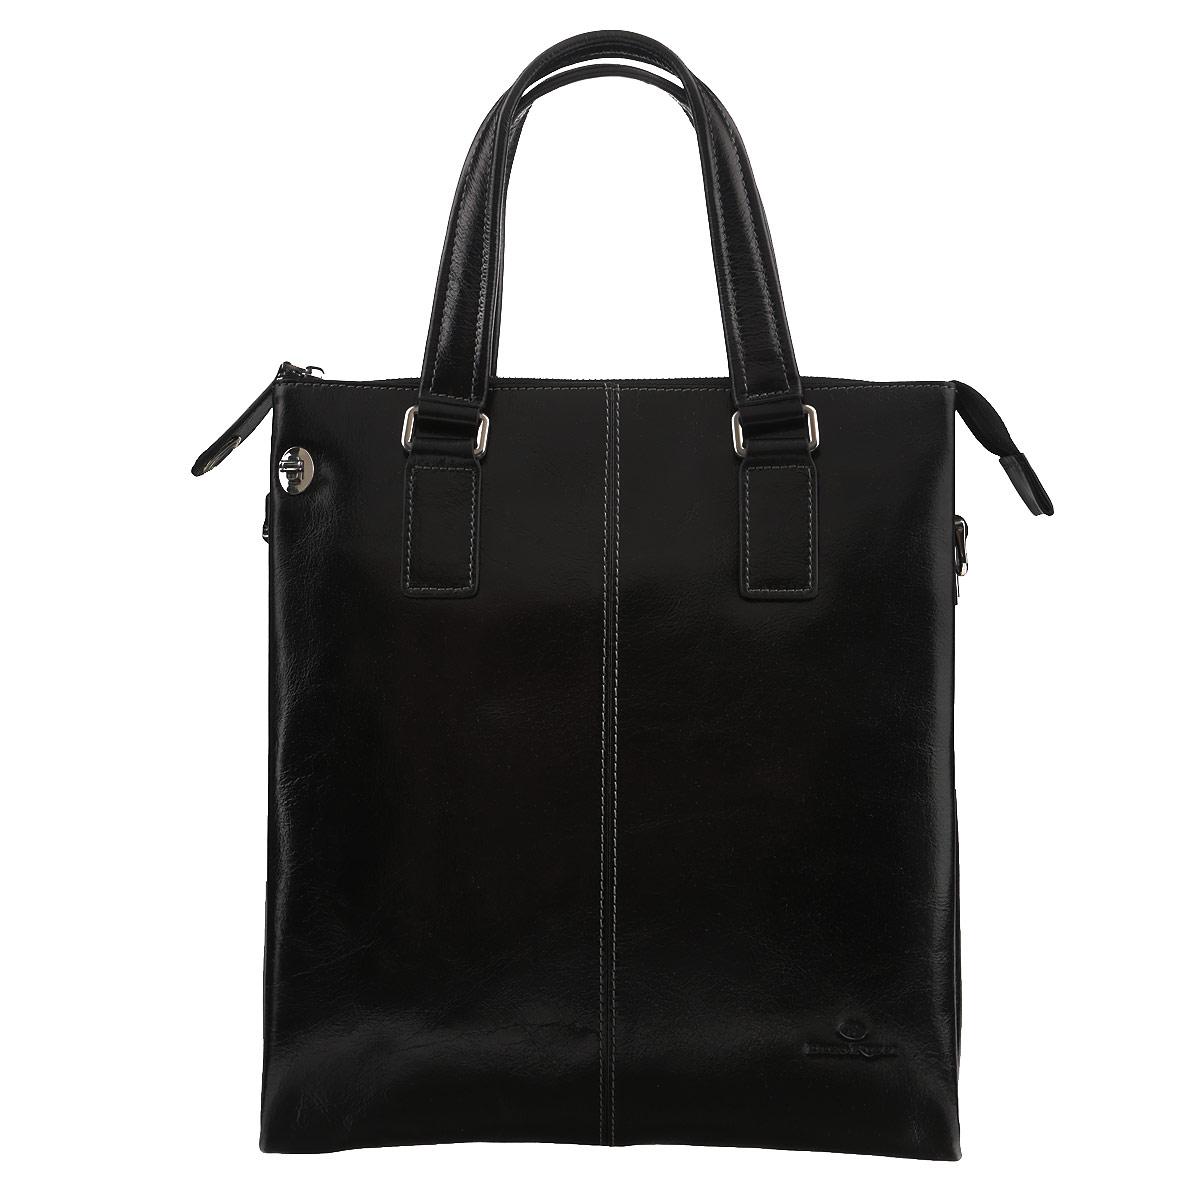 Сумка мужская Dino Ricci, цвет: черный. 1026-09-01S76245Изысканная мужская сумка Dino Ricci выполнена из высококачественной натуральной кожи и оформлена тисненым названием и логотипом бренда на лицевой стороне. Изделие закрывается на застежку-молнию. Внутри одно отделение, разделенное карманом-средником на застежке-молнии, также есть два накладных кармашка для мелочей и мобильного телефона и врезной карман на застежке-молнии. Бегунок можно закрепить на лицевой стороне при помощи замочка-вертушки.Сумка оснащена съемным плечевым ремнем регулируемой длины.Изделие упаковано в фирменный чехол. Классическое цветовое сочетание, стильный декор, модный дизайн - прекрасное дополнение к гардеробу каждого мужчины.